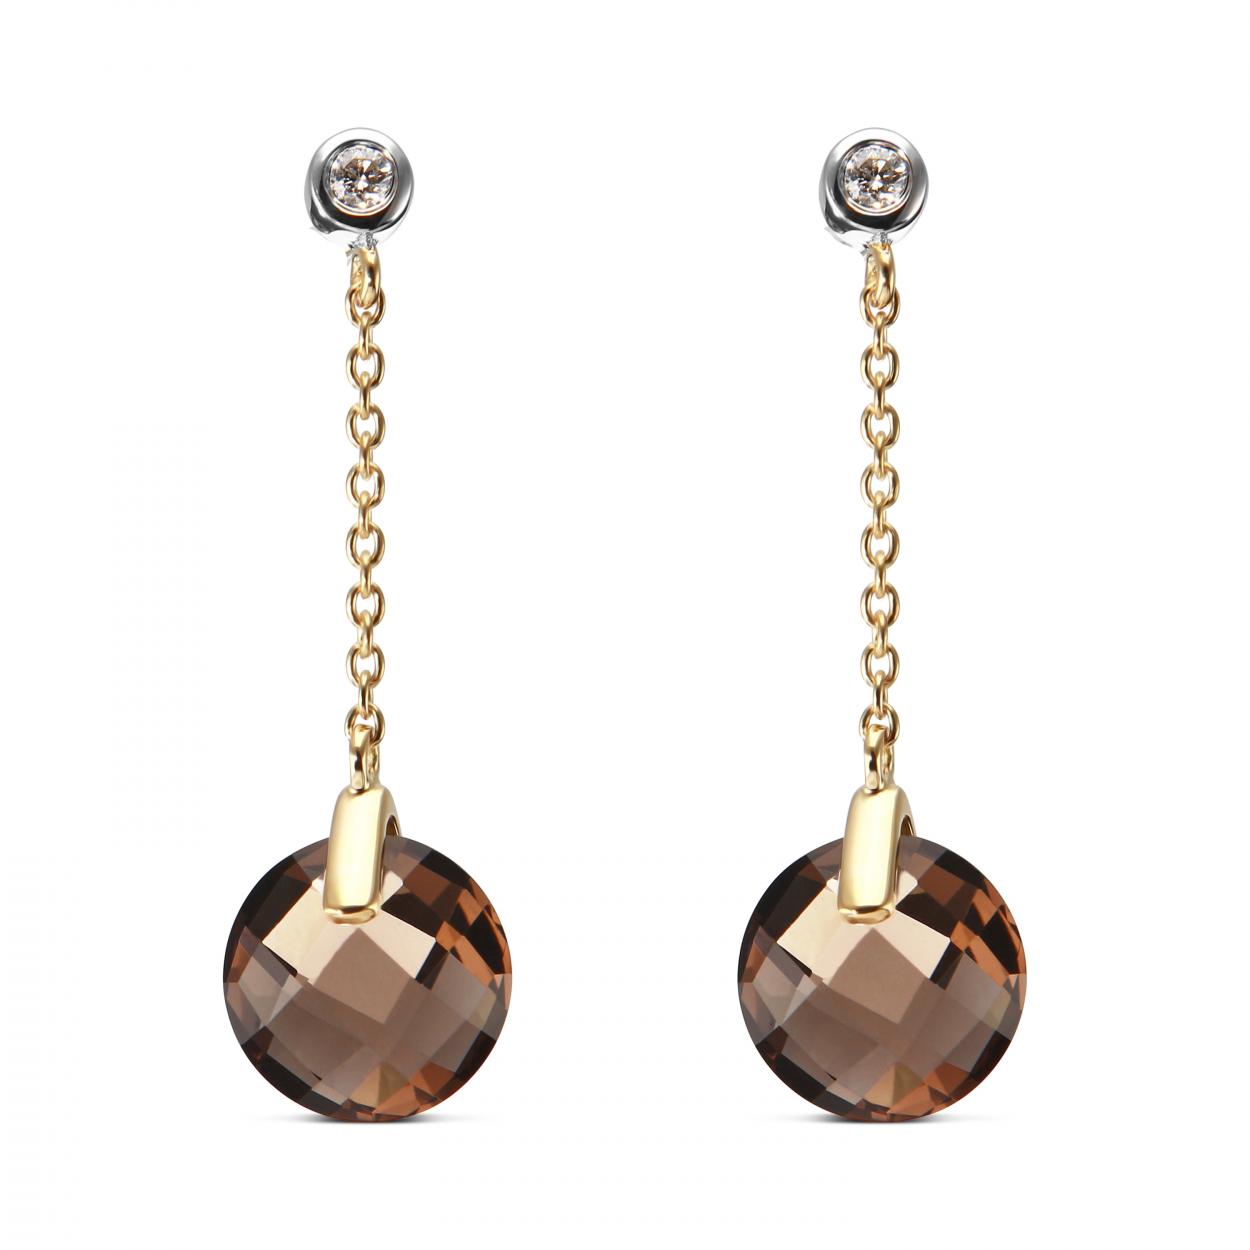 Boucles d 39 oreilles pendantes quartz fum or jaune 750 ref 34964 - Grosses boucles d oreilles pendantes ...